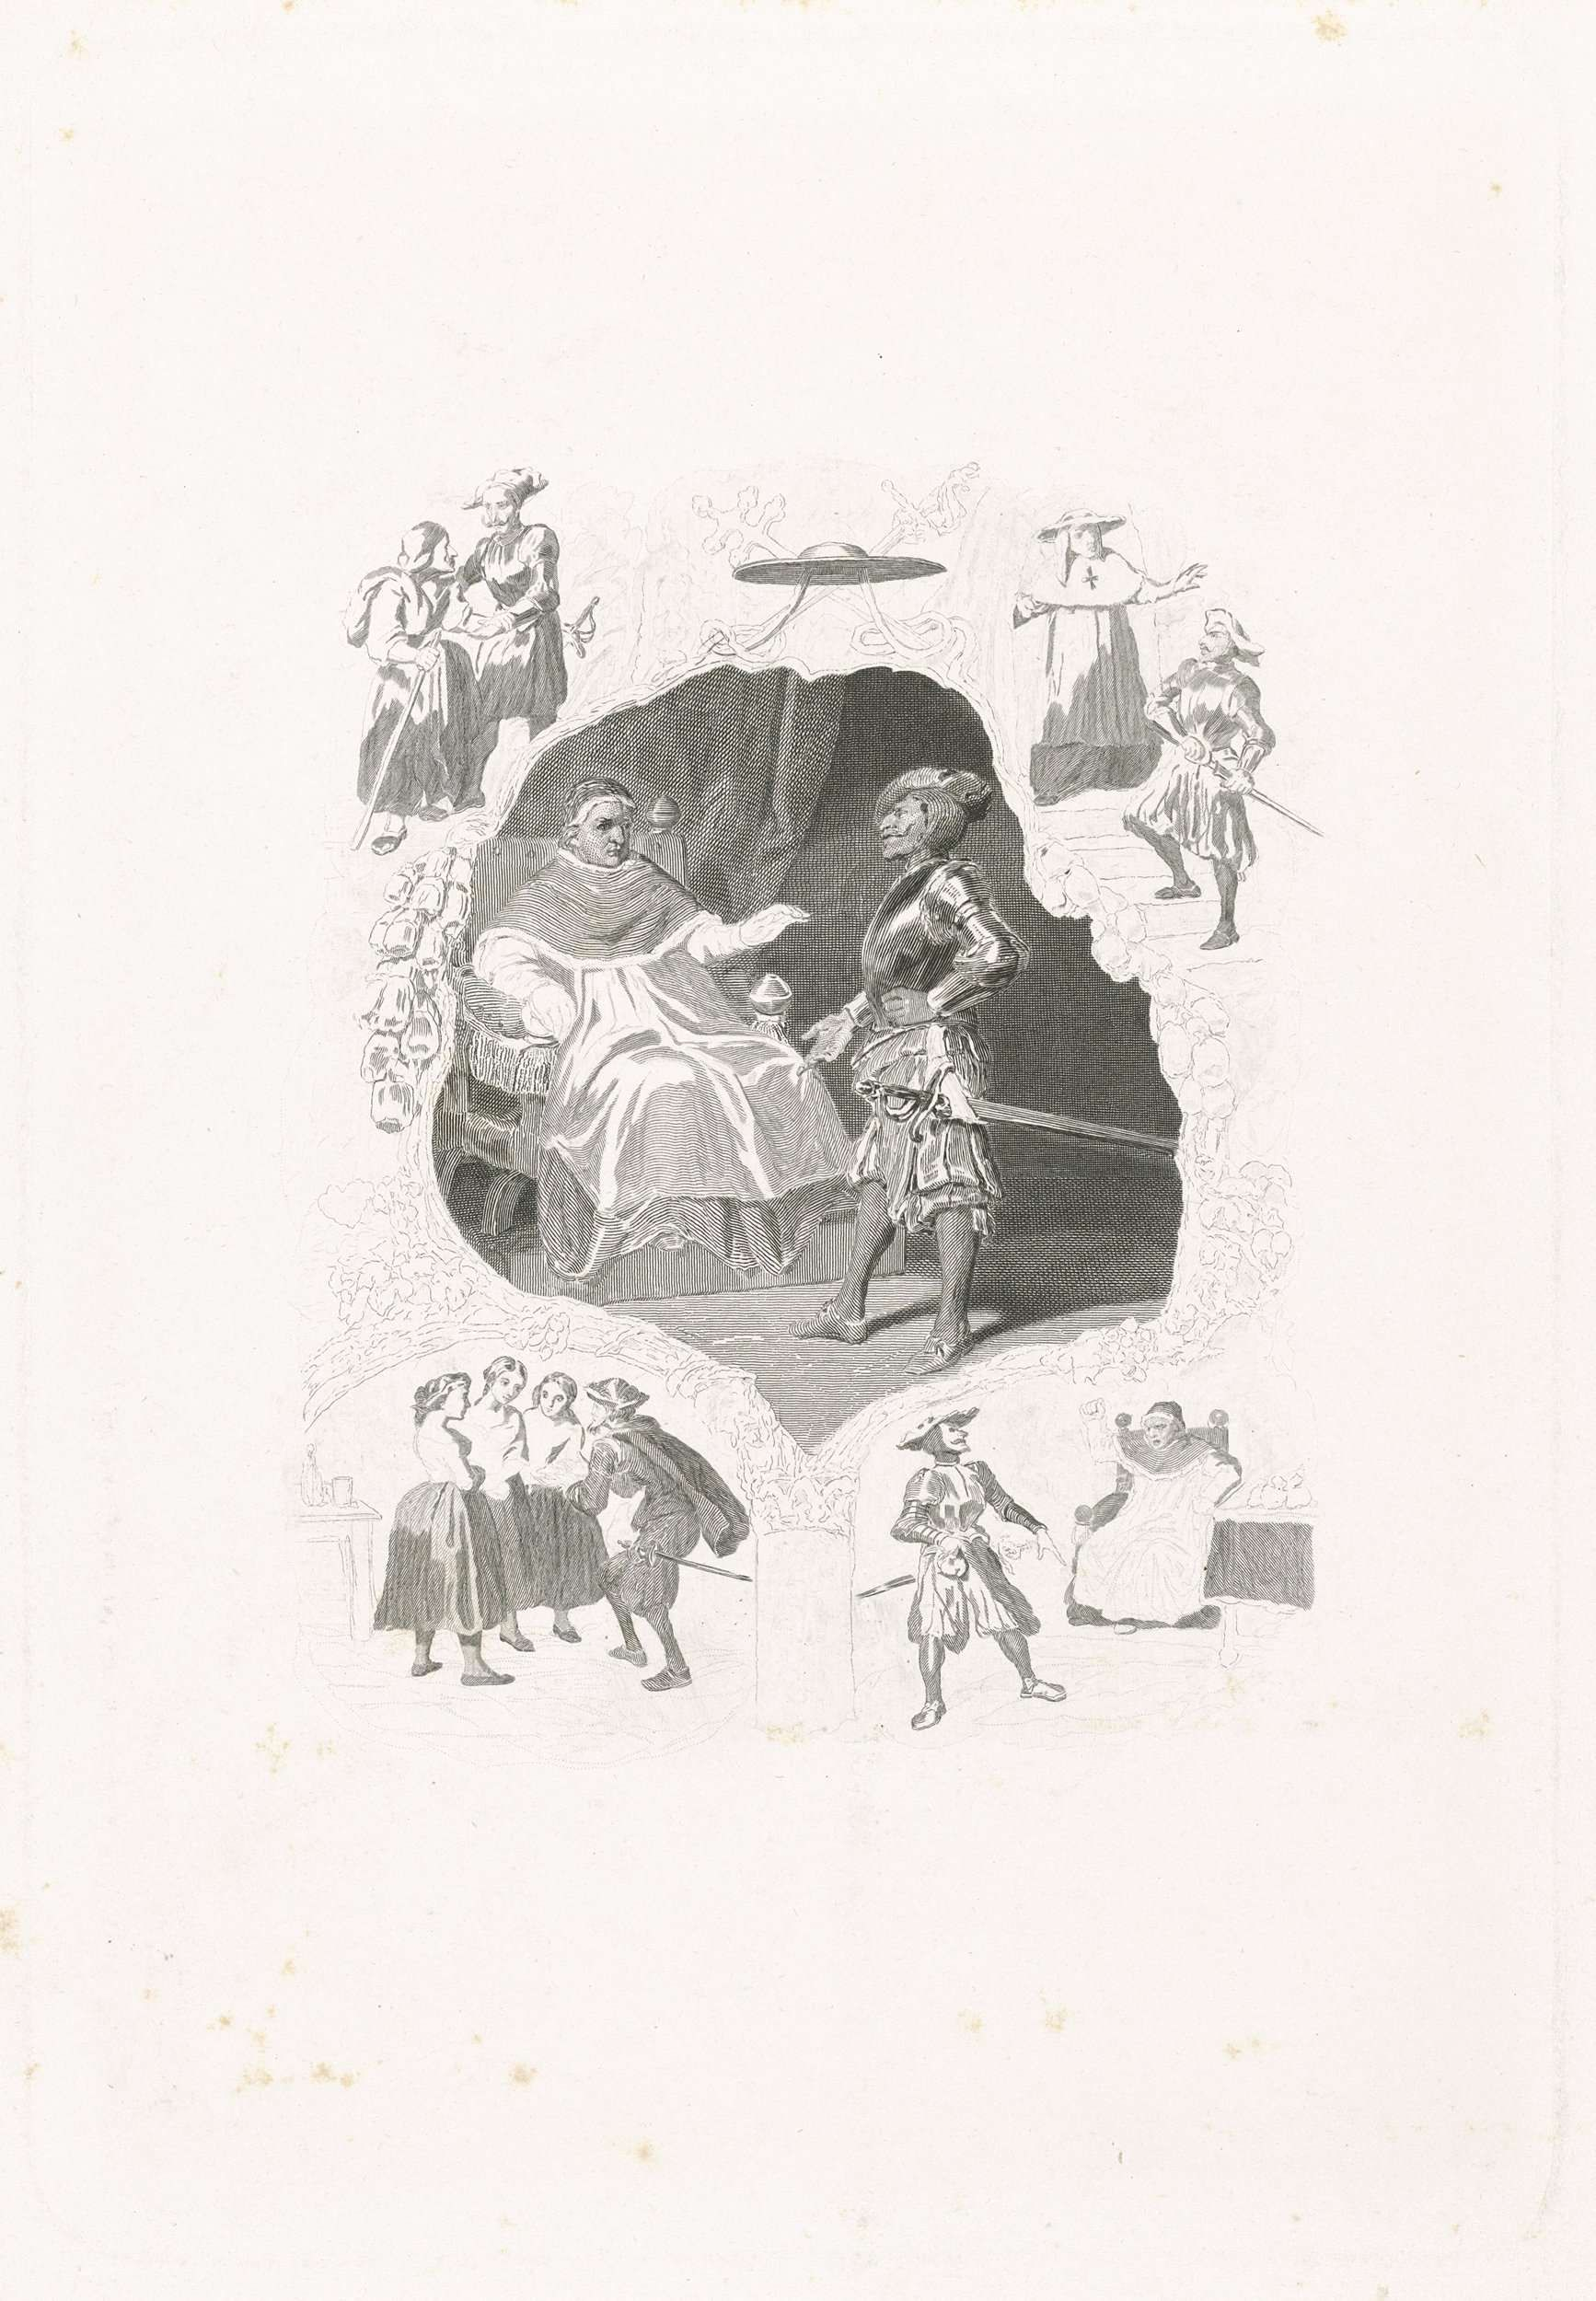 Johannes de Mare | Man in harnas voor een paus, Johannes de Mare, Tony Johannot, 1816 - 1889 | Man in een harnas staande voor en paus gezeten op een stoel, omgeven door een cartouche van kwasten met bovenaan een kardinaalshoed. Hieromheen nog vier andere scènes. Scène uit een chanson van Pierre-Jean de Béranger.